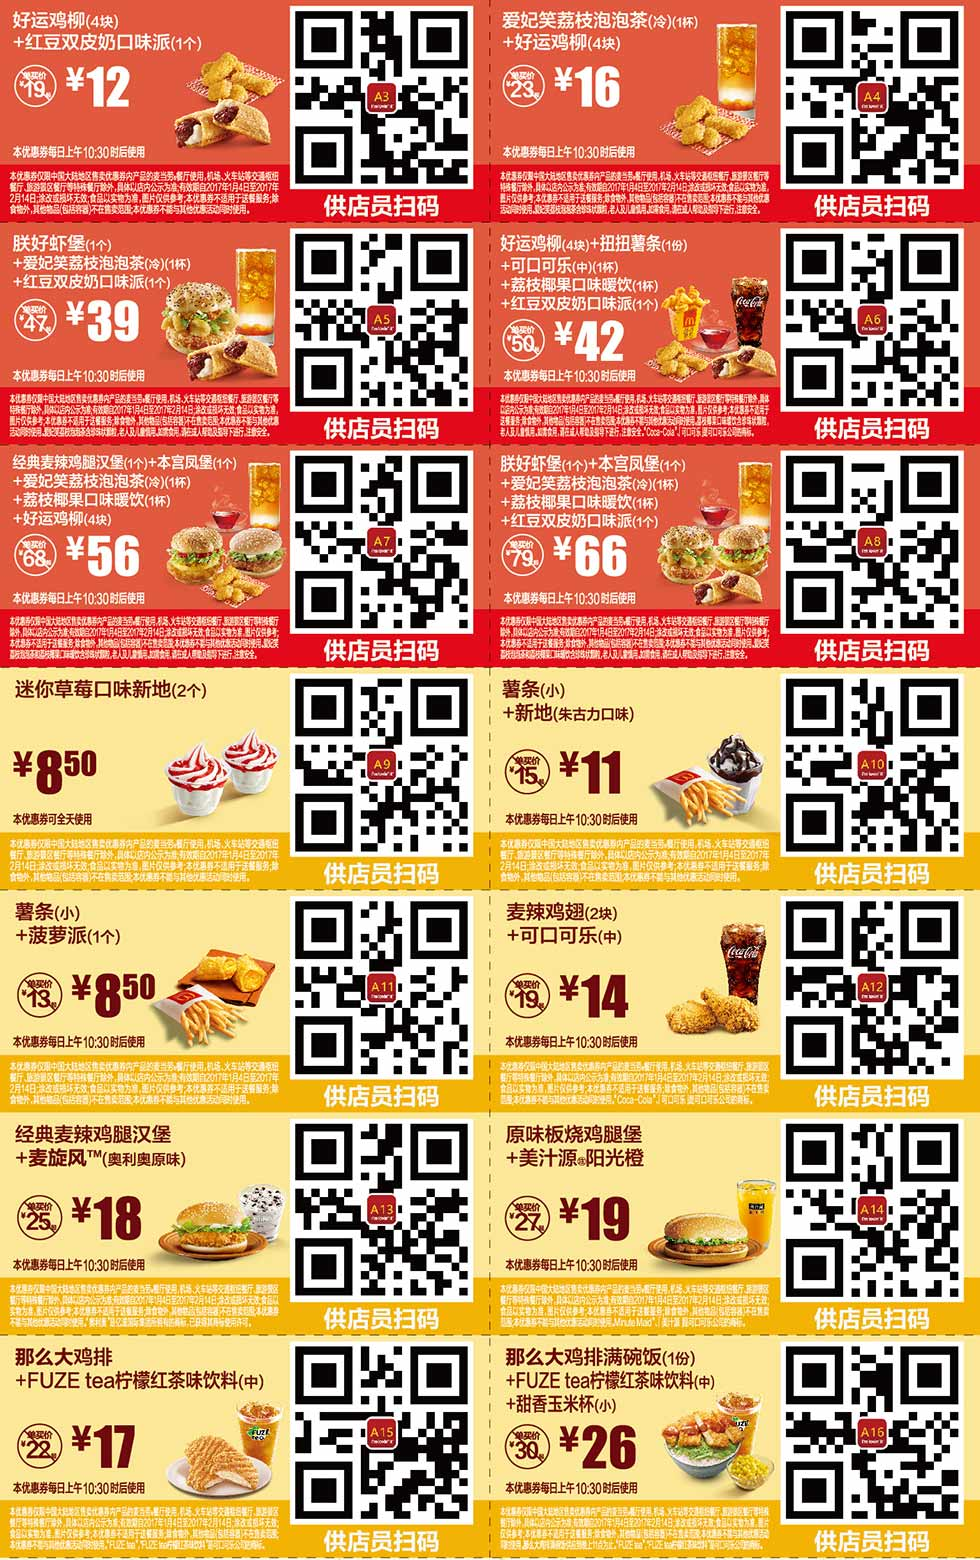 麦当劳优惠券2017年1月2月整张手机版,点餐出示享受优惠价,有效期自2017年01月04日到2017年02月14日